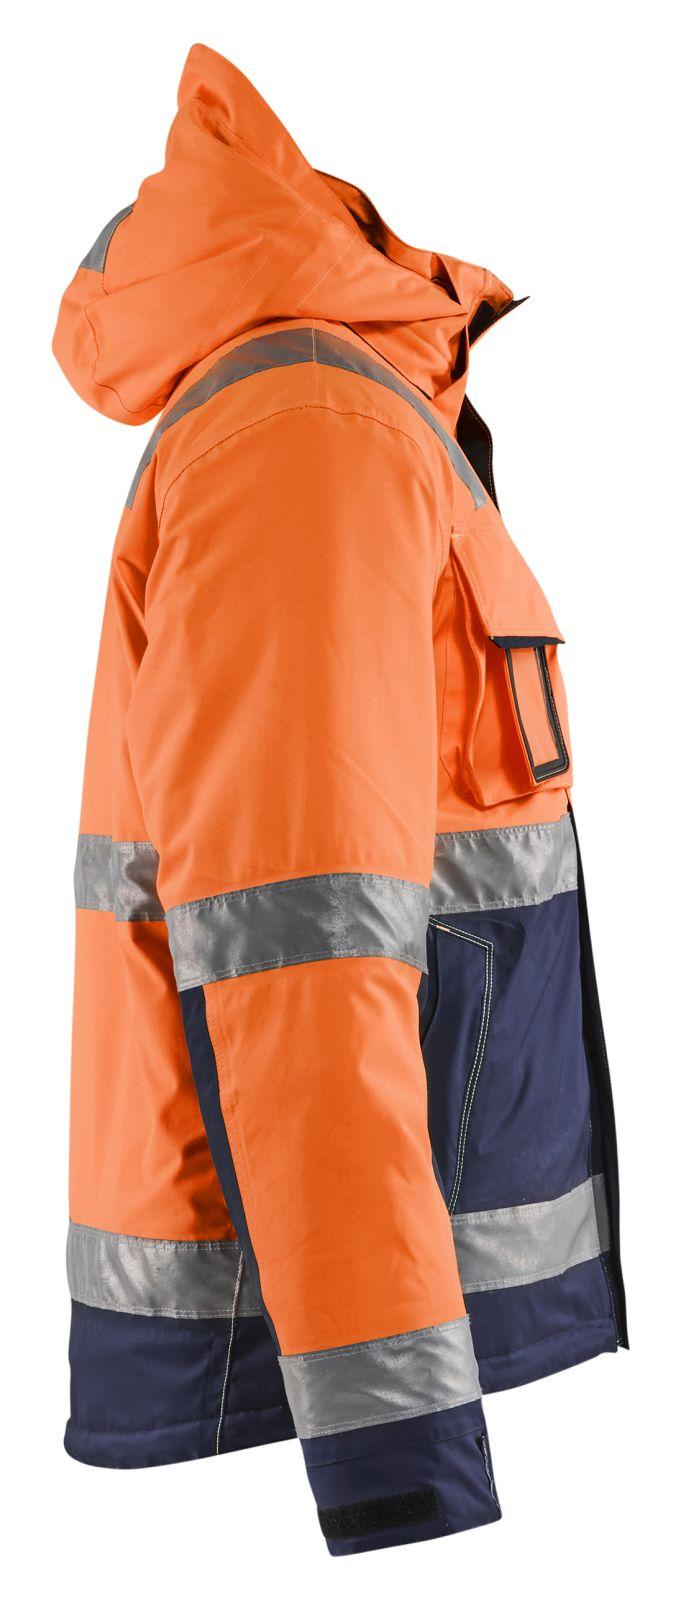 Blaklader Jassen 48701987 High Vis fluo oranje-marineblauw(5389)